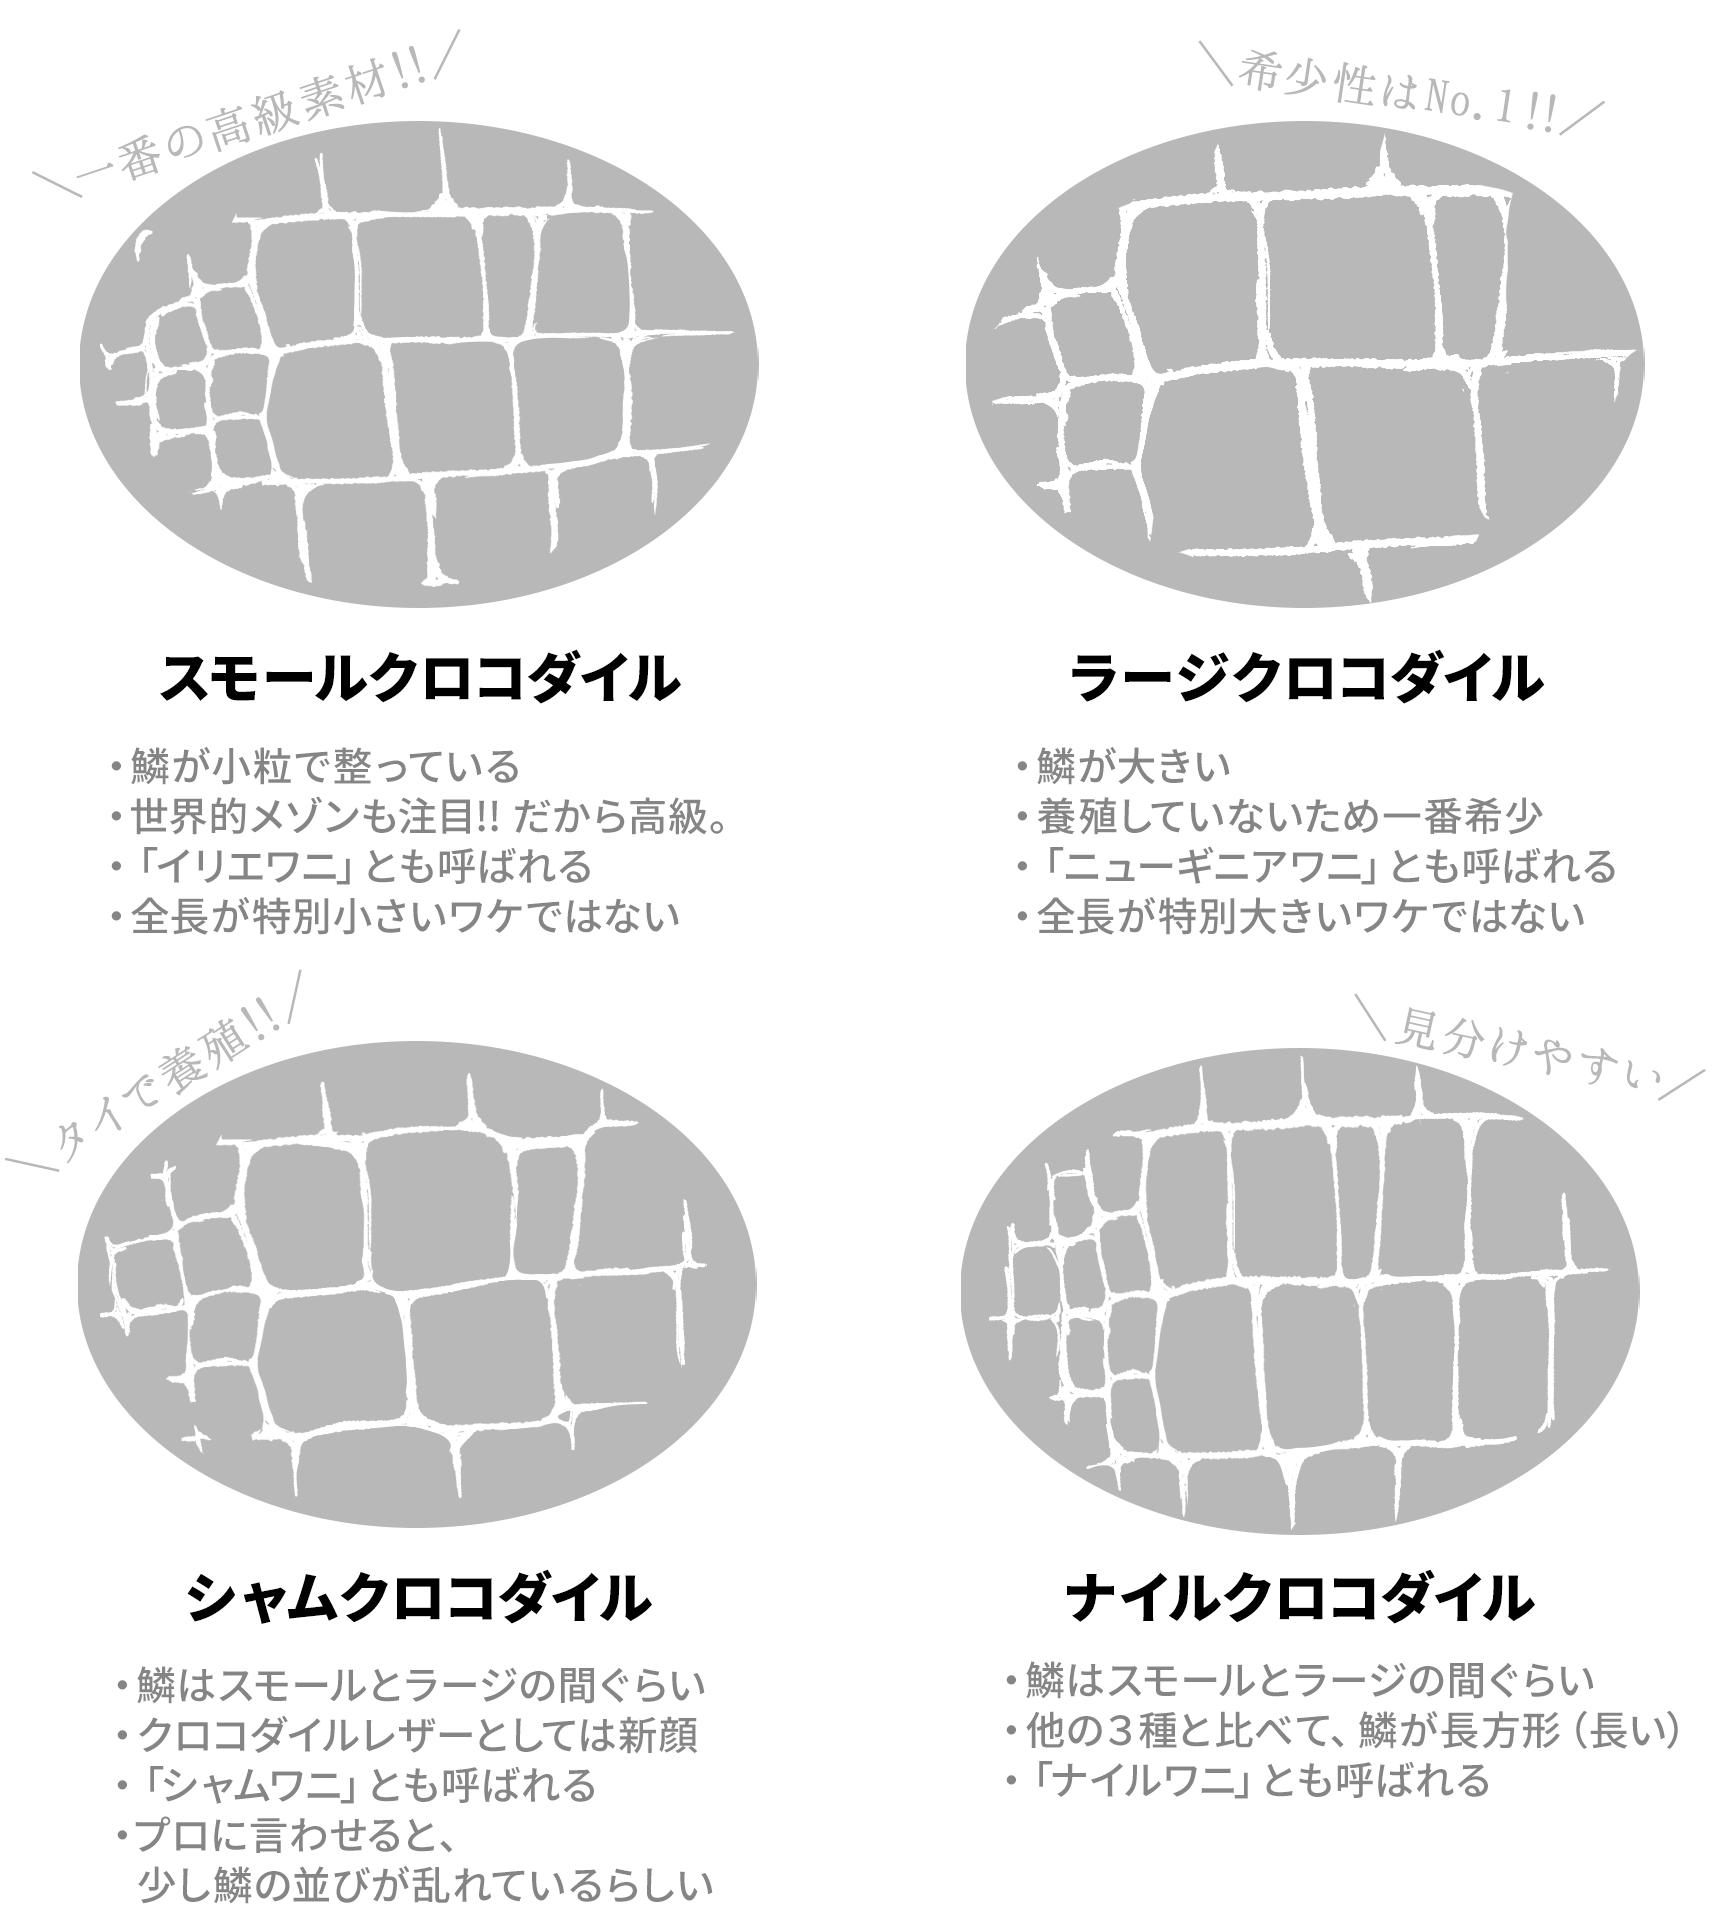 【クロコダイル①:スモールクロコダイル】斑(ふ)の形が小粒で整っており、そのためクロコダイルの中で最も高級素材とされている。世界的メゾンがこぞって使用していることも価格高騰の一因。イリエワニやポロサスとも呼ばれる。スモールと名前にあるが、全長に対して斑が小さいというだけの話でスモールサイズのワイというワケではない。【クロコダイル②:ラージクロコダイル】斑の形が大きく、非常に希少な種。価値としてはスモールクロコダイルの方が高いが、希少性はラージクロコダイルの方が上。養殖できず、天然モノをハントしなければならない。ニューギニアワニとも呼ばれる。名前にラージとあるが、ラージサイズのワニというワケではない。あくまでも斑が大きいだけ。【クロコダイル③:シャムクロコダイル】斑の大きさは、スモールクロコとラージクロコの中間ぐらい。クロコダイルレザーとしては後発な種で、タイで主に養殖されている。シャムワニと呼ばれることもある。クロコダイルのプロに言わせると「シャムワニも十分美しいが、スモールクロコと比べてしまうと、少し鱗が騒がしい」とのこと。【クロコダイル④ナイルクロコダイル】他の3種と比べると、明らかに斑が細長い(長方形)であるのが最大の特徴。ナイルワニと呼ばれることもある。